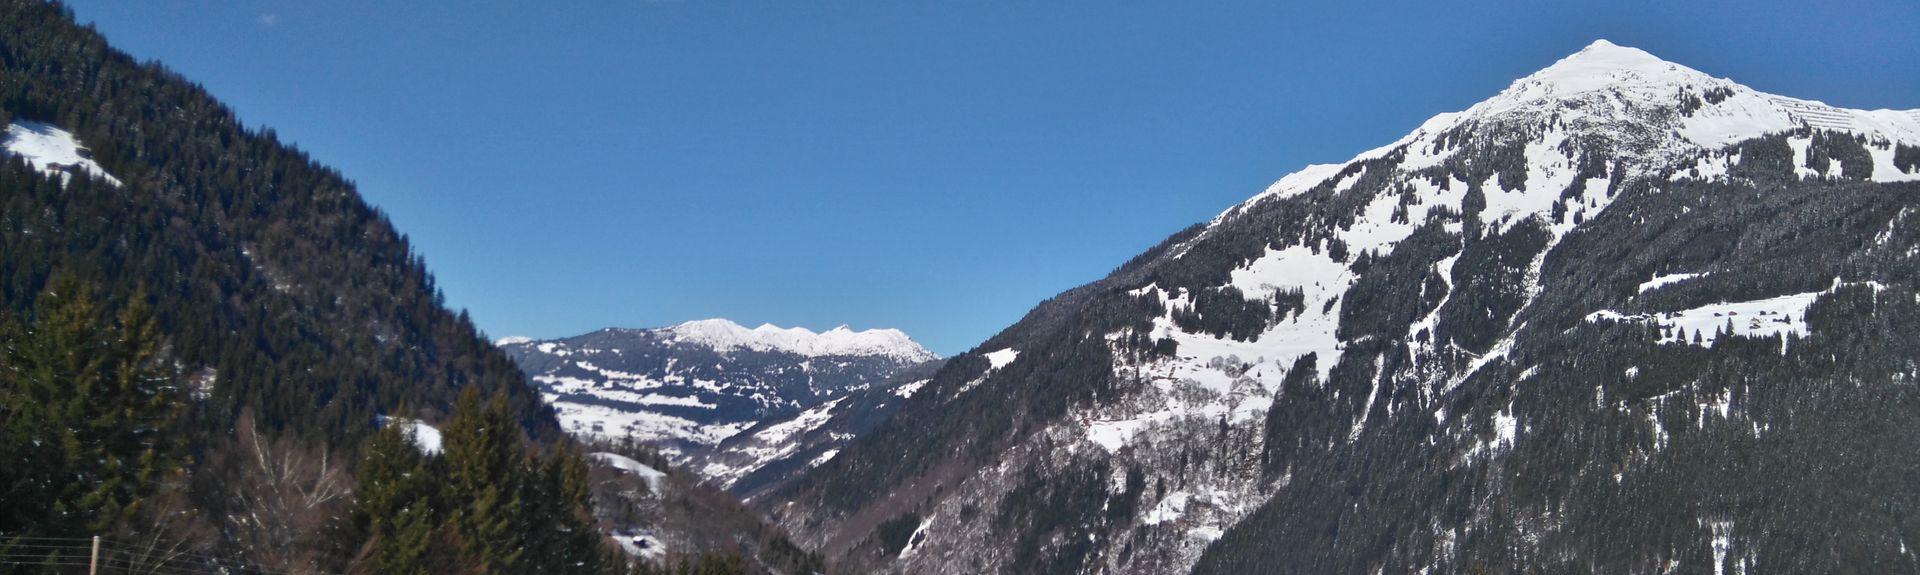 Tschagguns, Vorarlberg, Autriche